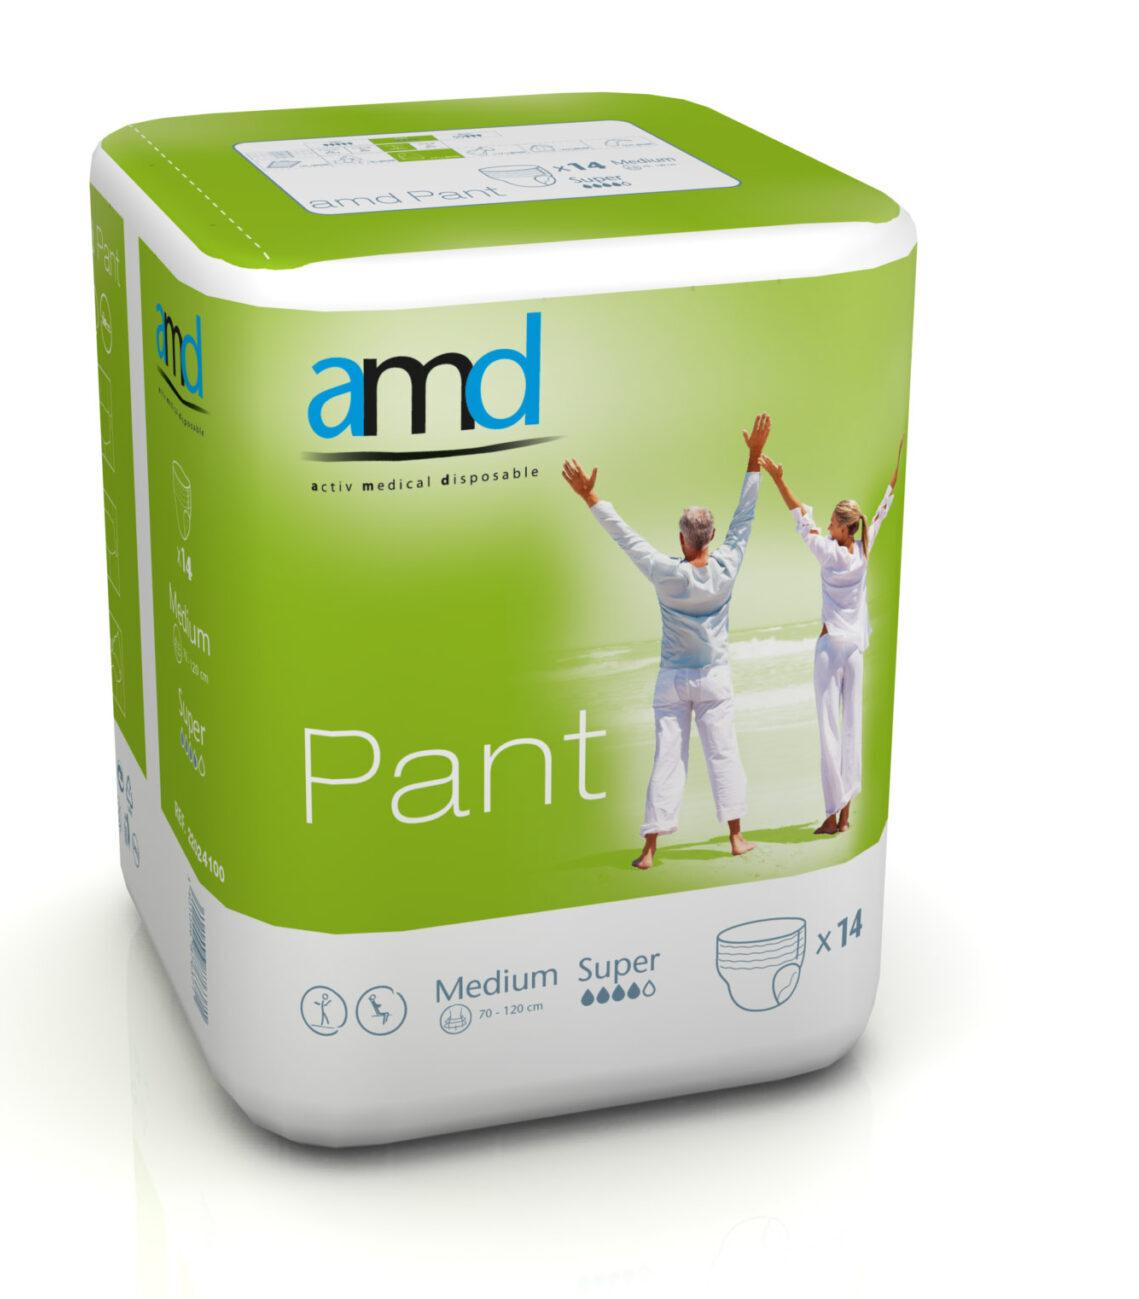 22024 Pant medium super